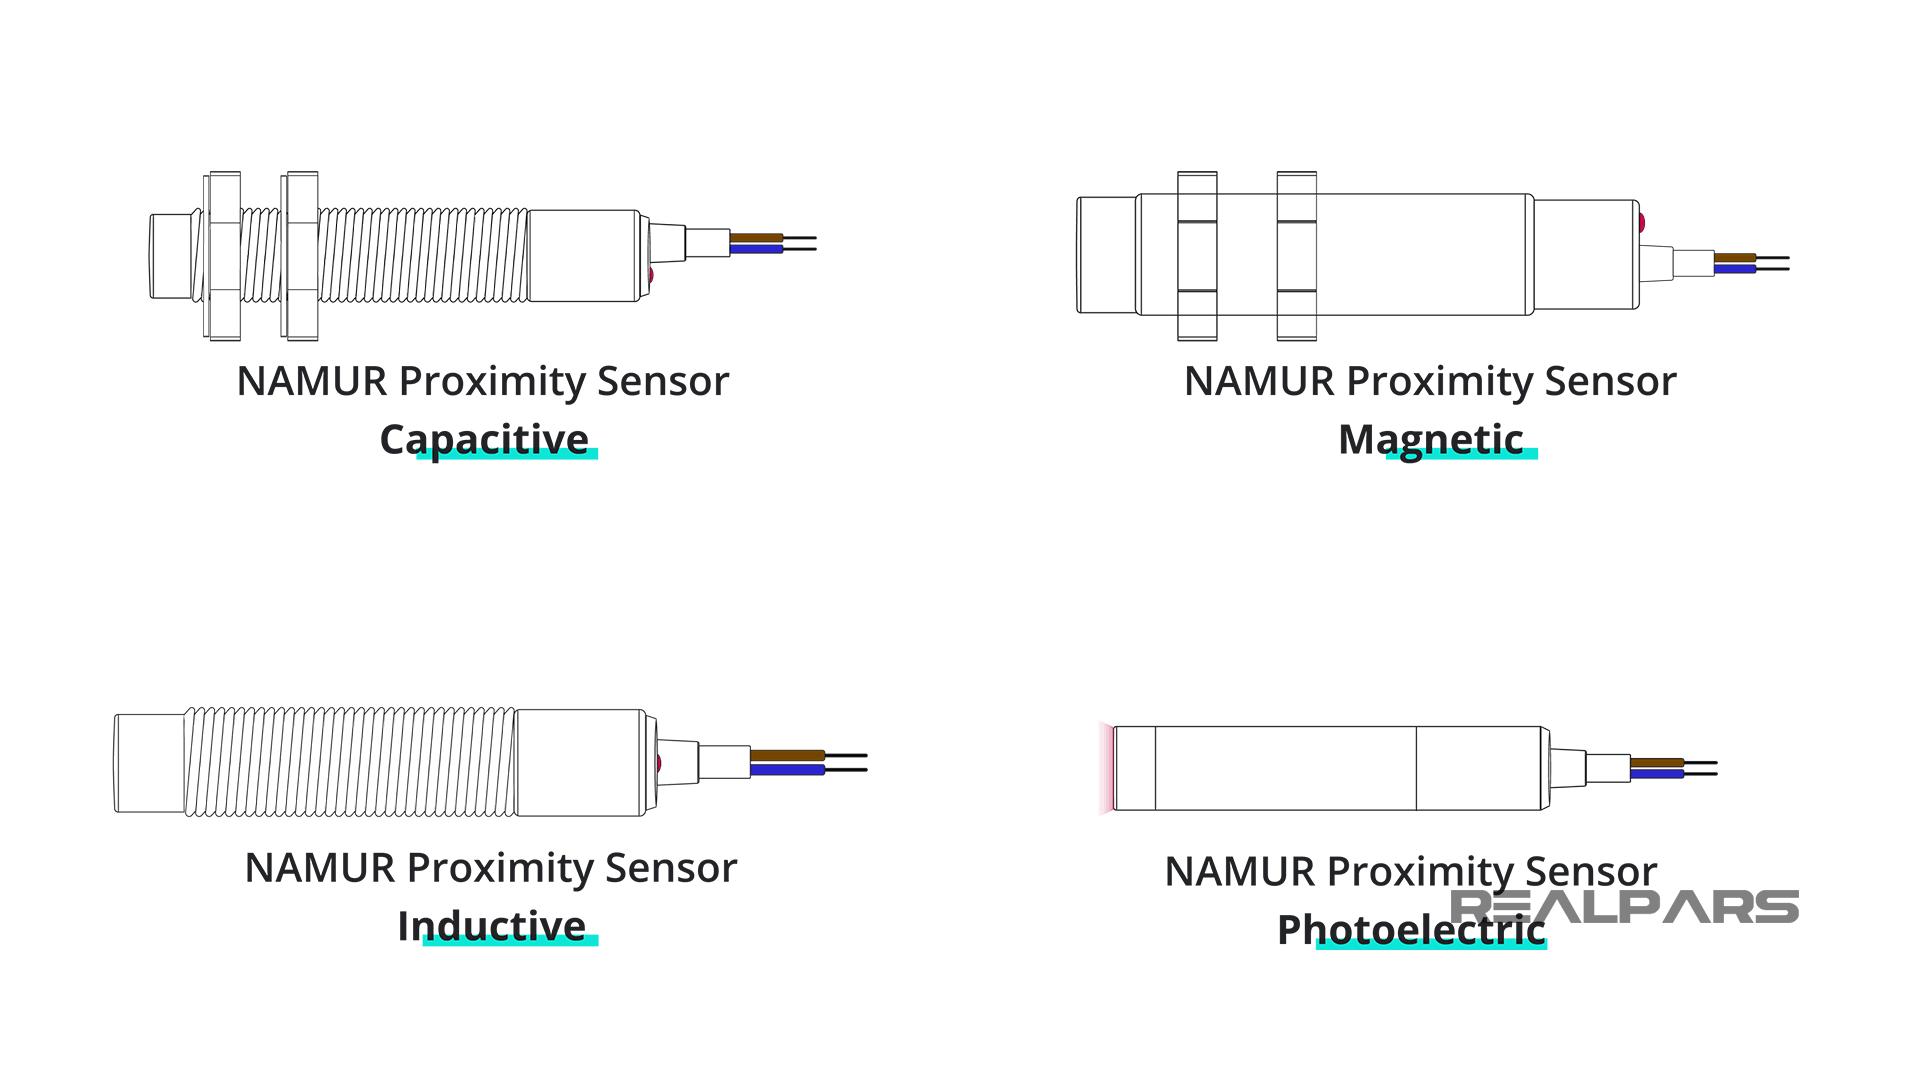 Types of NAMUR Proximity Sensors